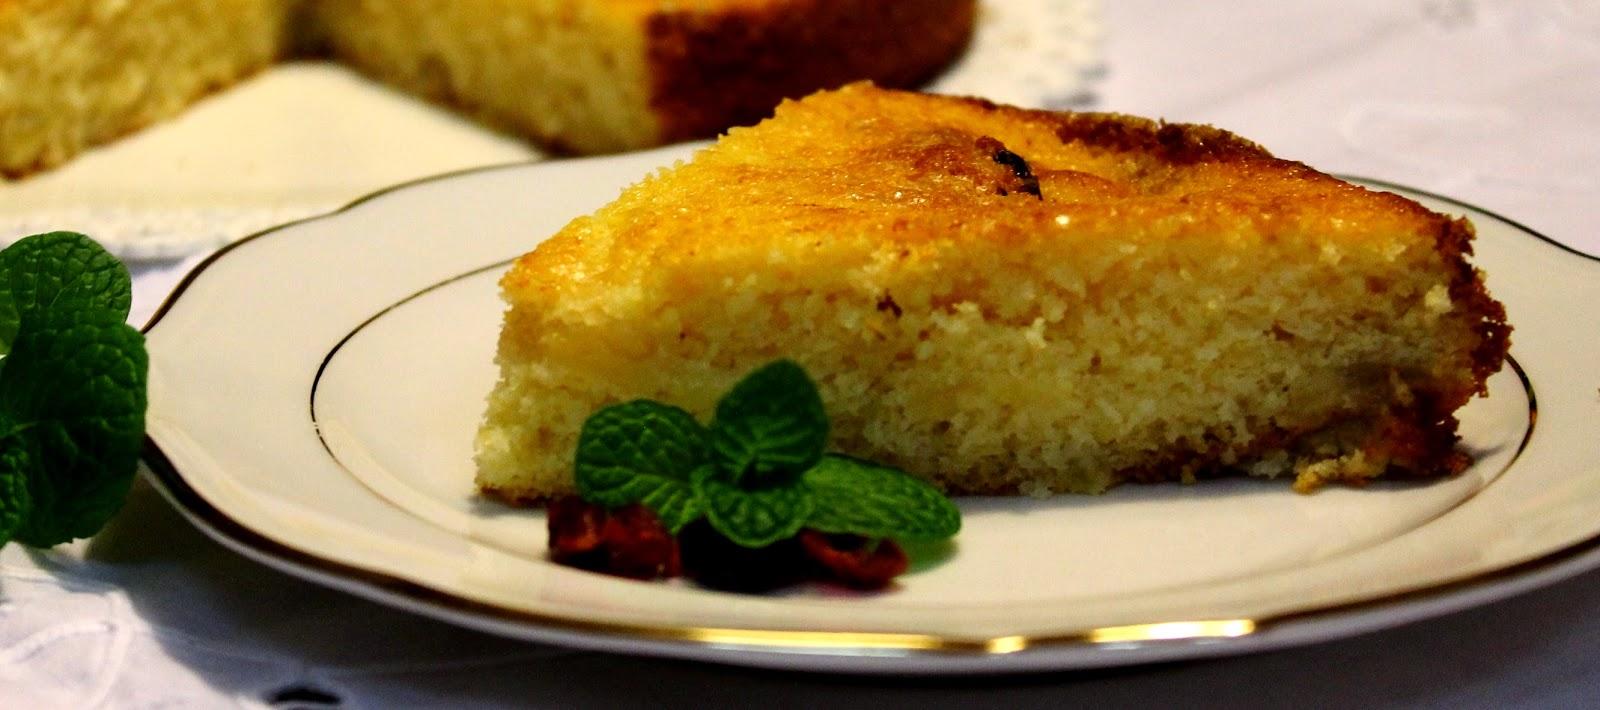 Torta all'ananas caramellata con cocco e menta